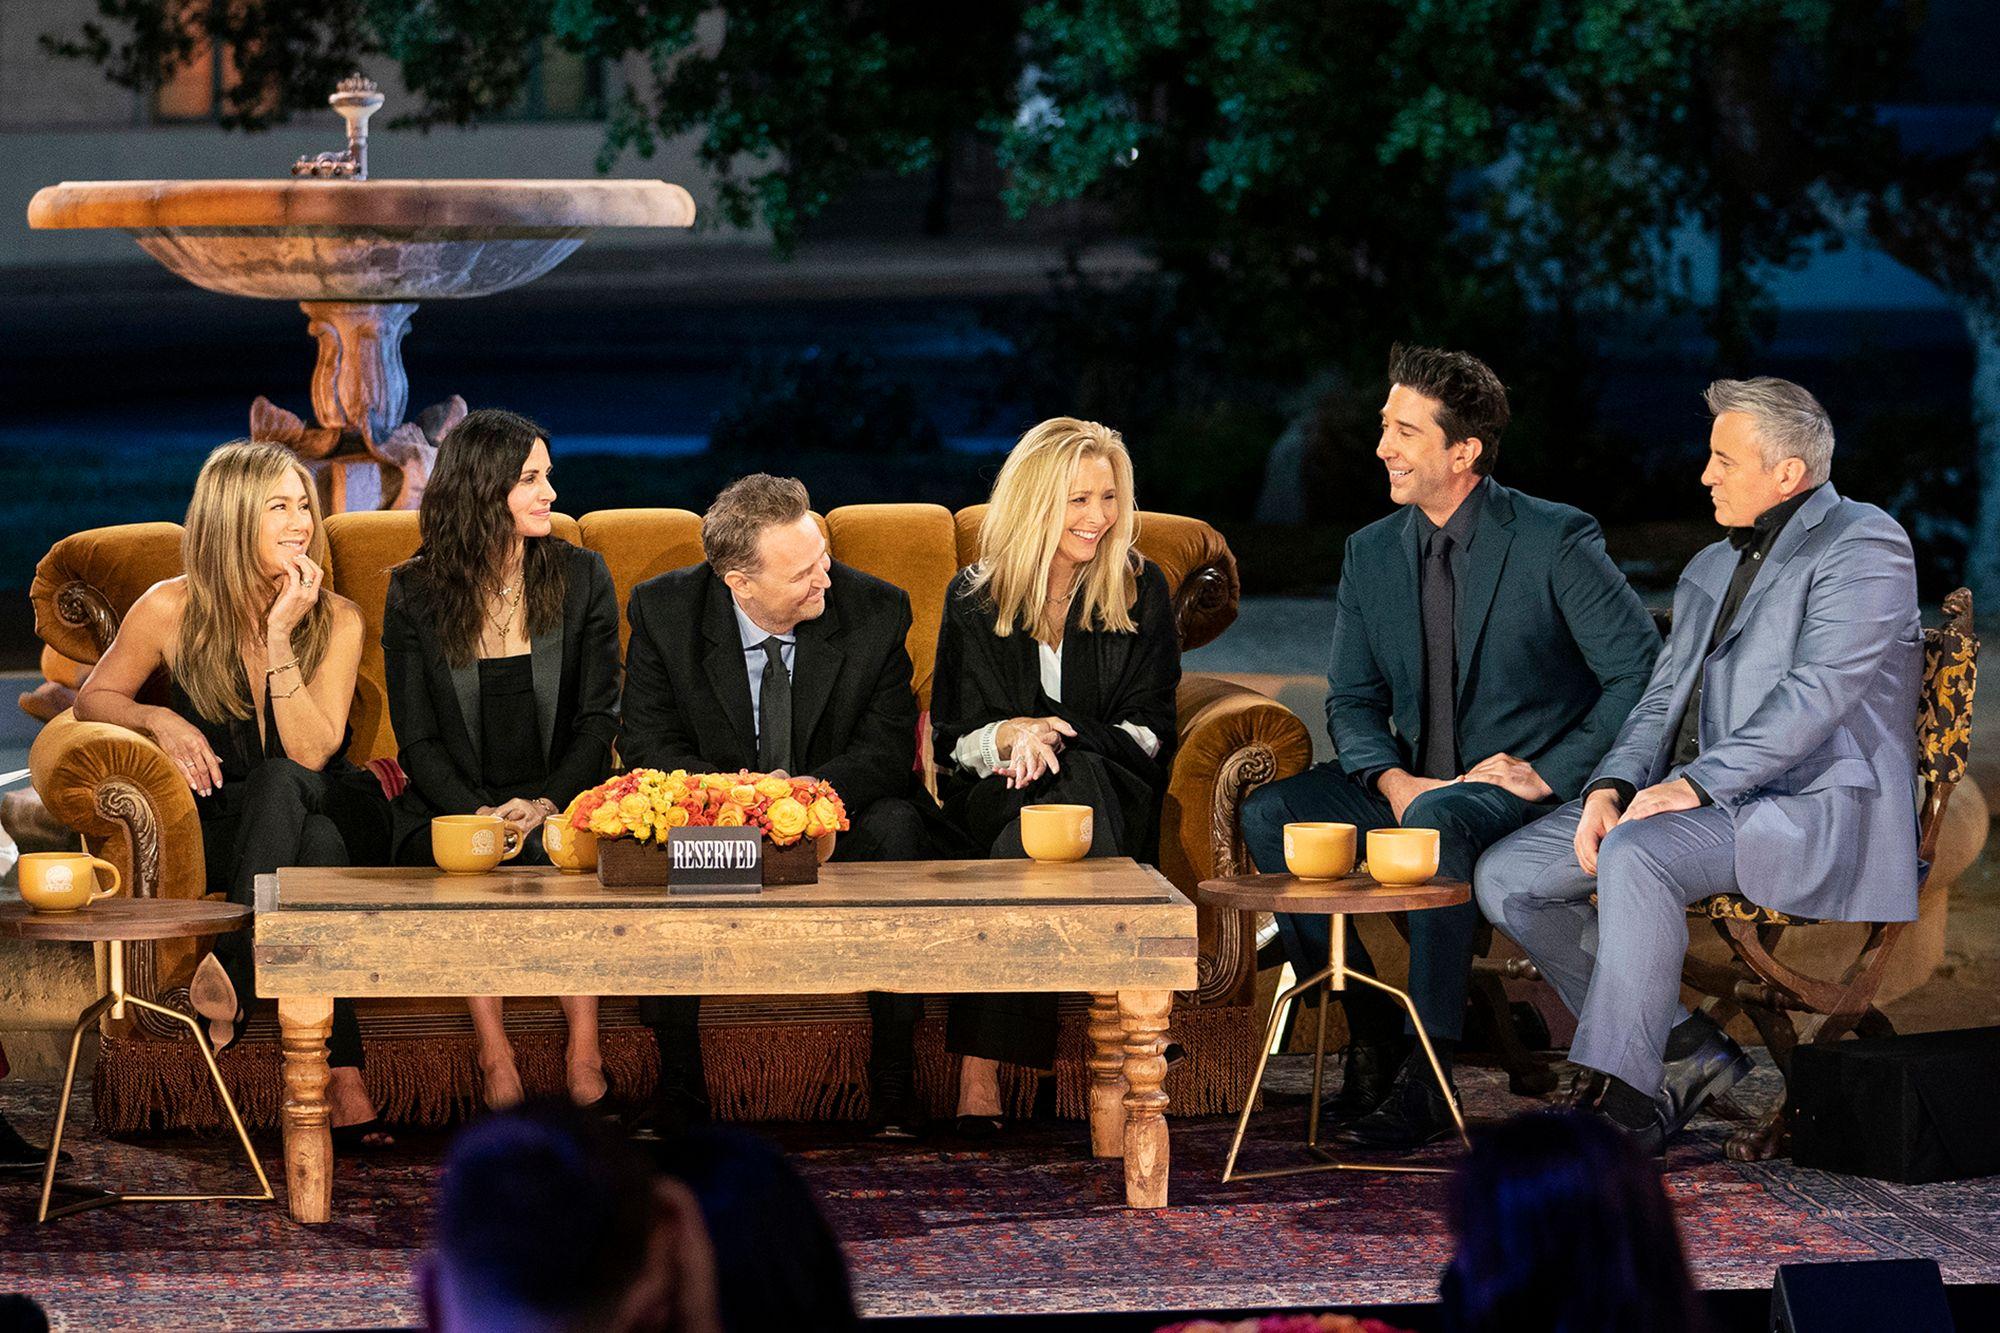 A imagem é uma cena do especial Friends: The Reunion. Nela, estão sentados em um sofá em frente a uma fonte de água, da esquerda para direita: Jennifer Aniston, Courteney Cox, Matthew Perry e Lisa Kudrow. David Schwimmer e Matt LeBlanc estão sentados em duas poltronas ao lado direito do sofá. Em frente ao sofá, há uma mesa de centro, com um vaso com flores, três canecas amarelas e uma placa escrito Reserved em cima.